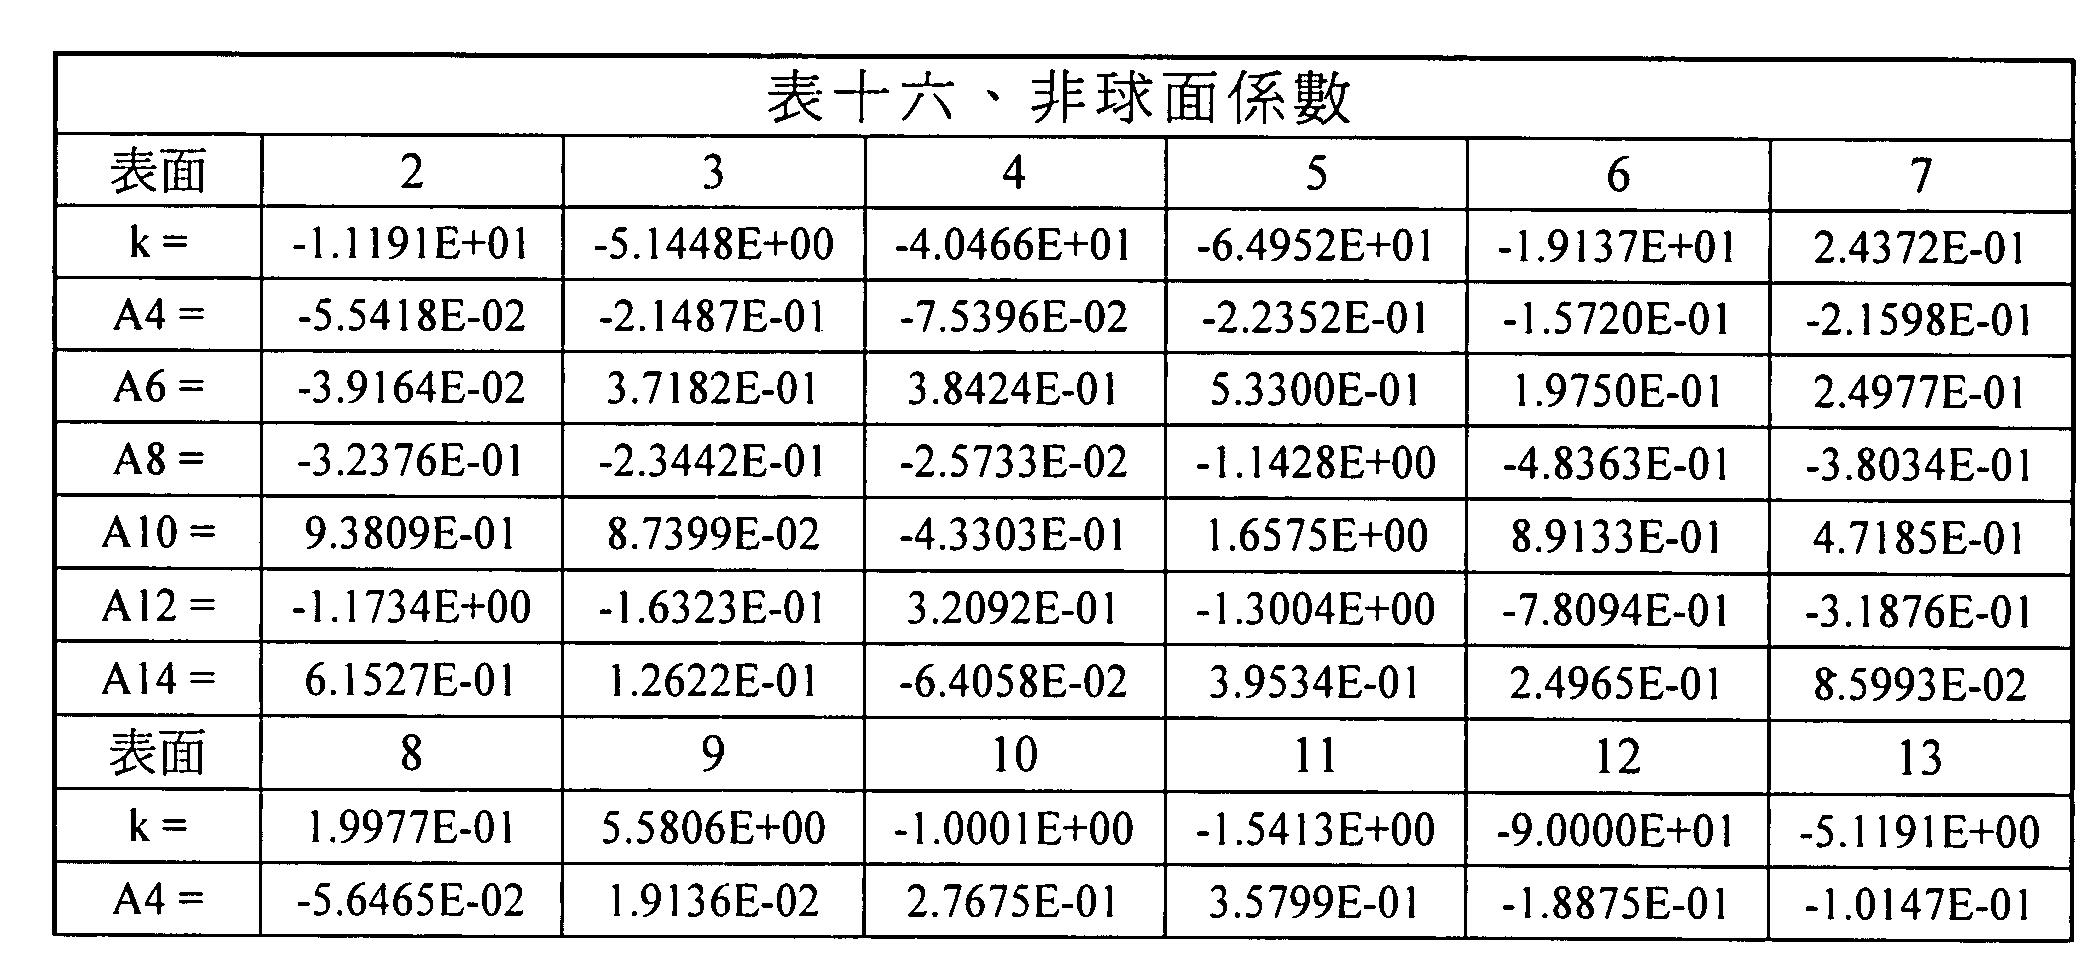 Figure TWI610090BD00035